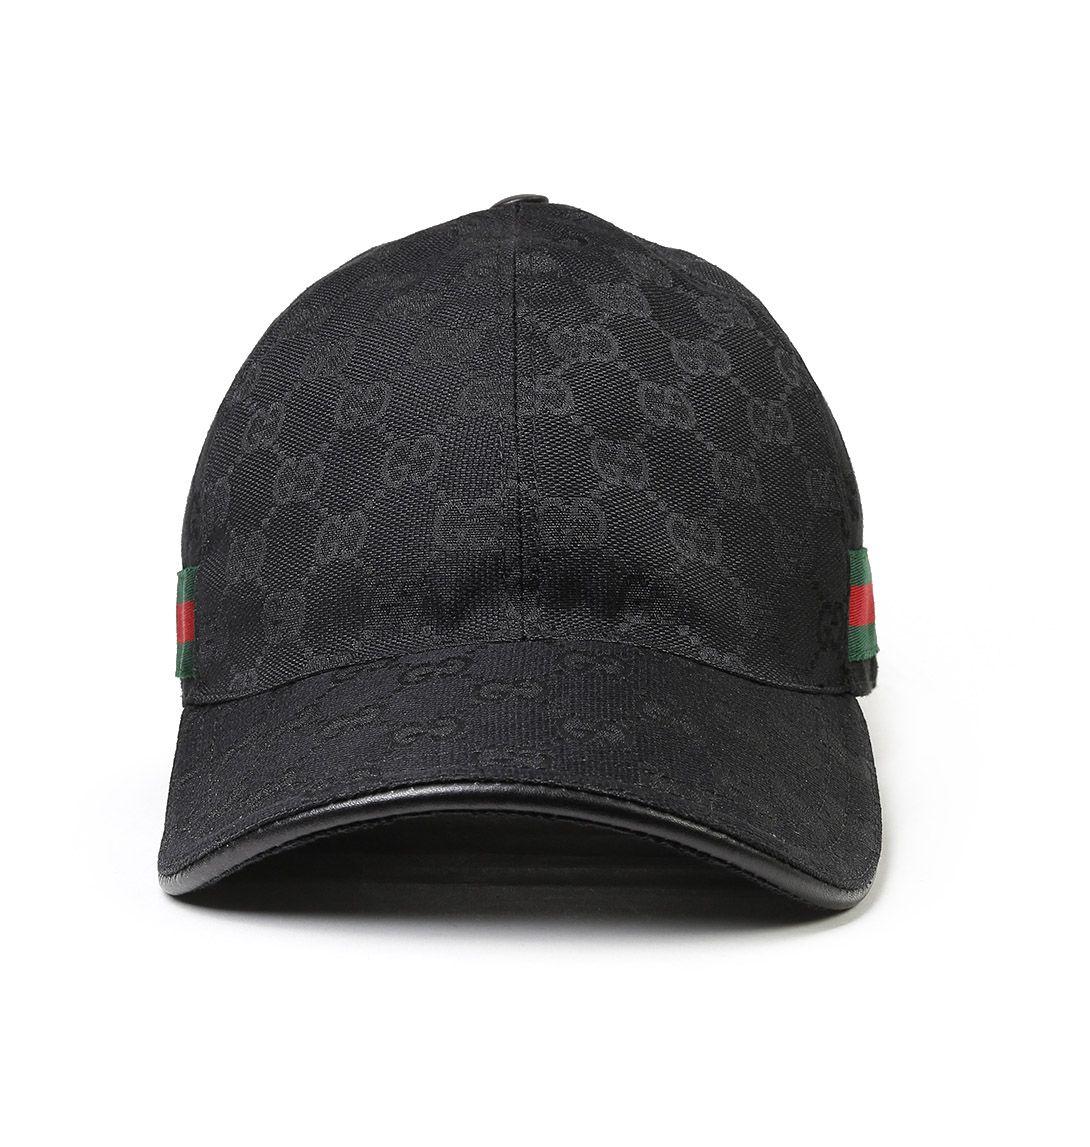 61211a7275f Gucci hats for men gucci winter hats for men hats man black jpg 1090x1147 Gucci  hats